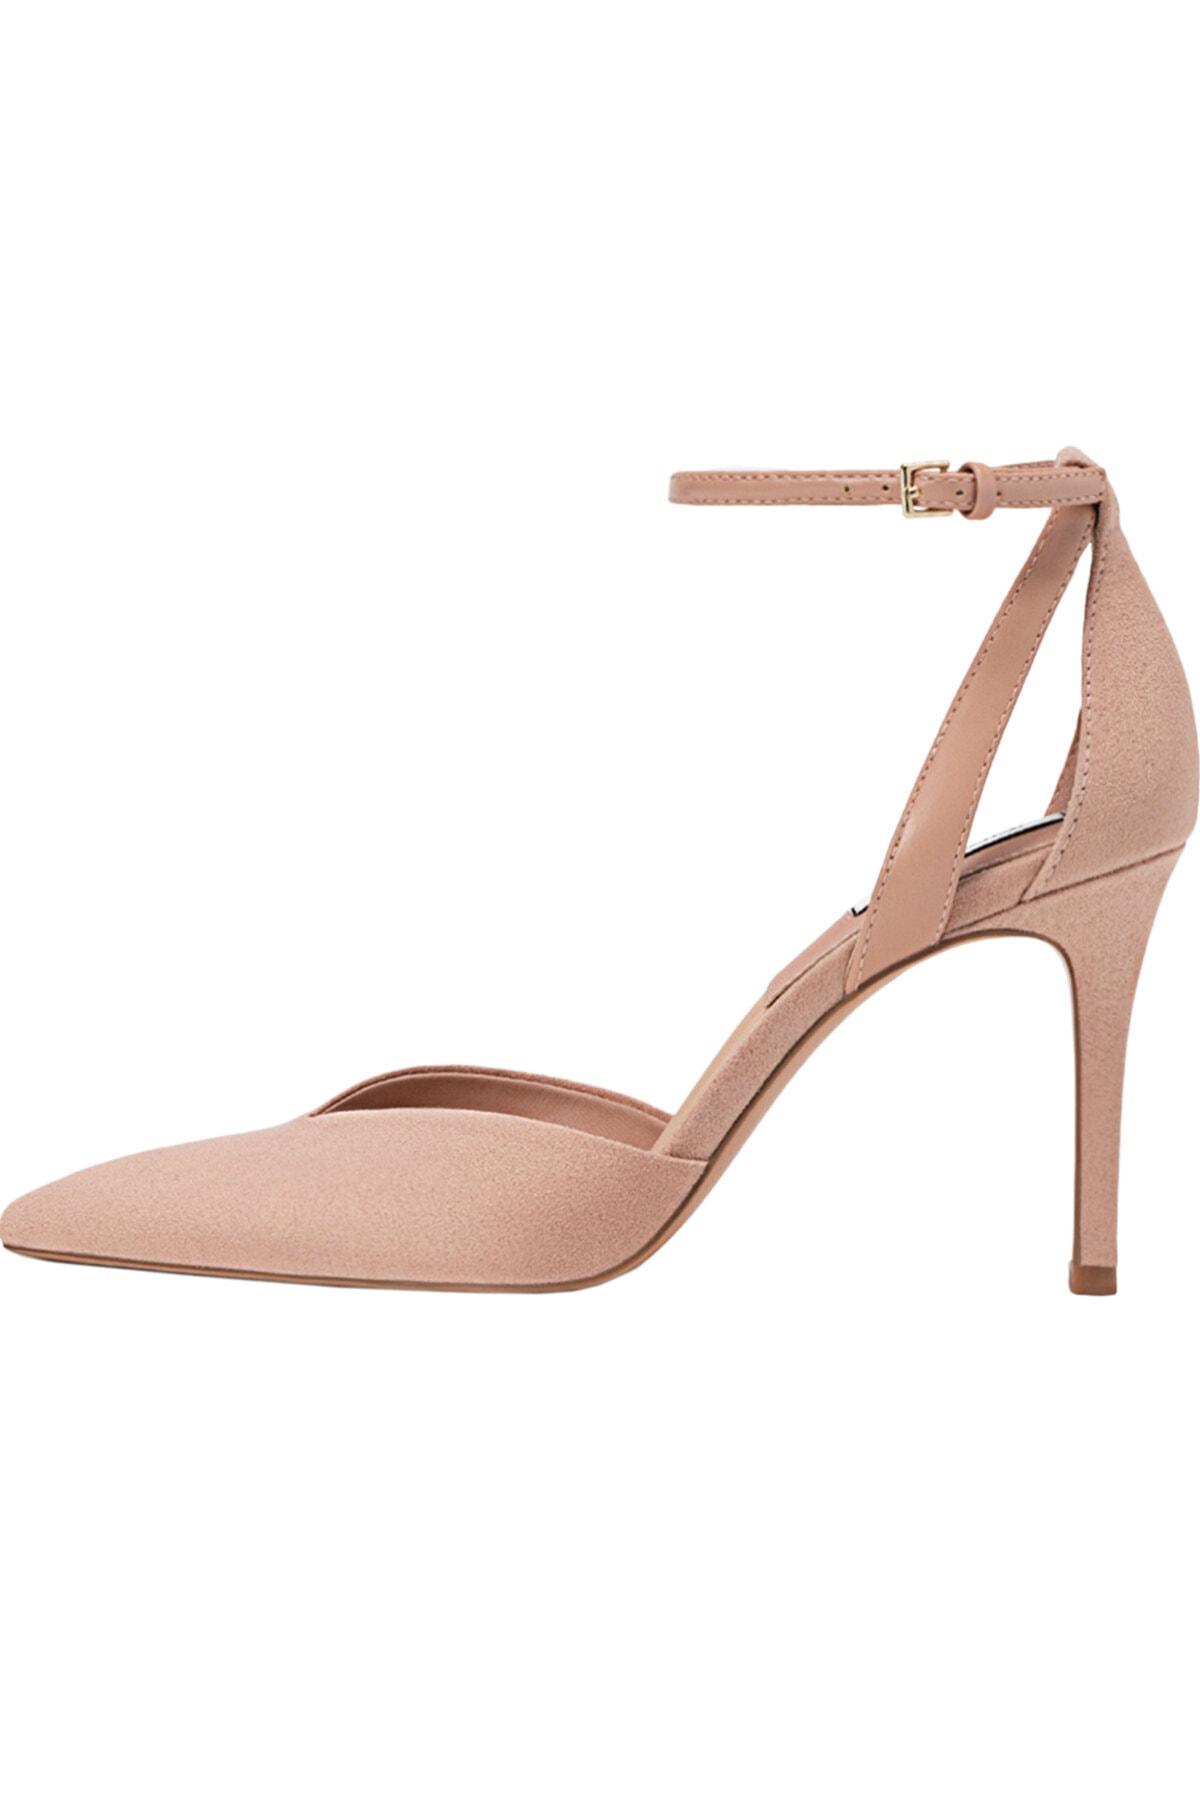 Stradivarius Kadın Pudra Bilekten Bantlı Yüksek Topuklu Ayakkabı 19153770